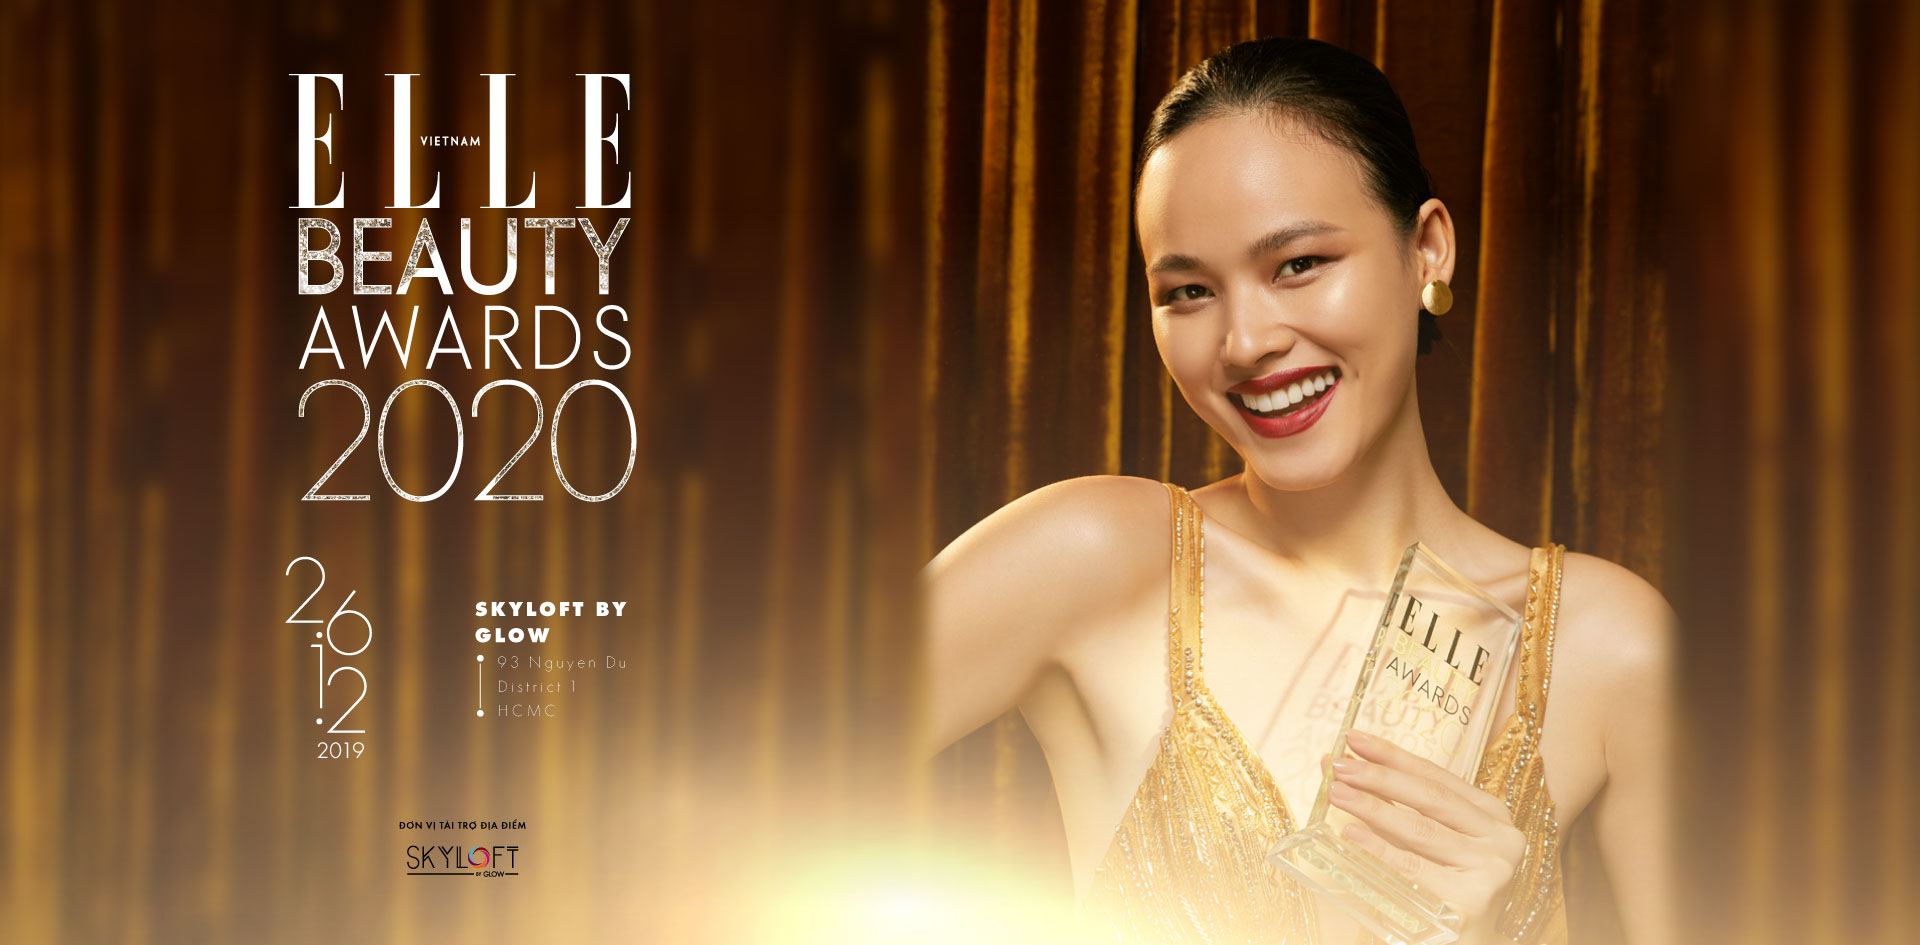 elle beauty awards 2020 - KV